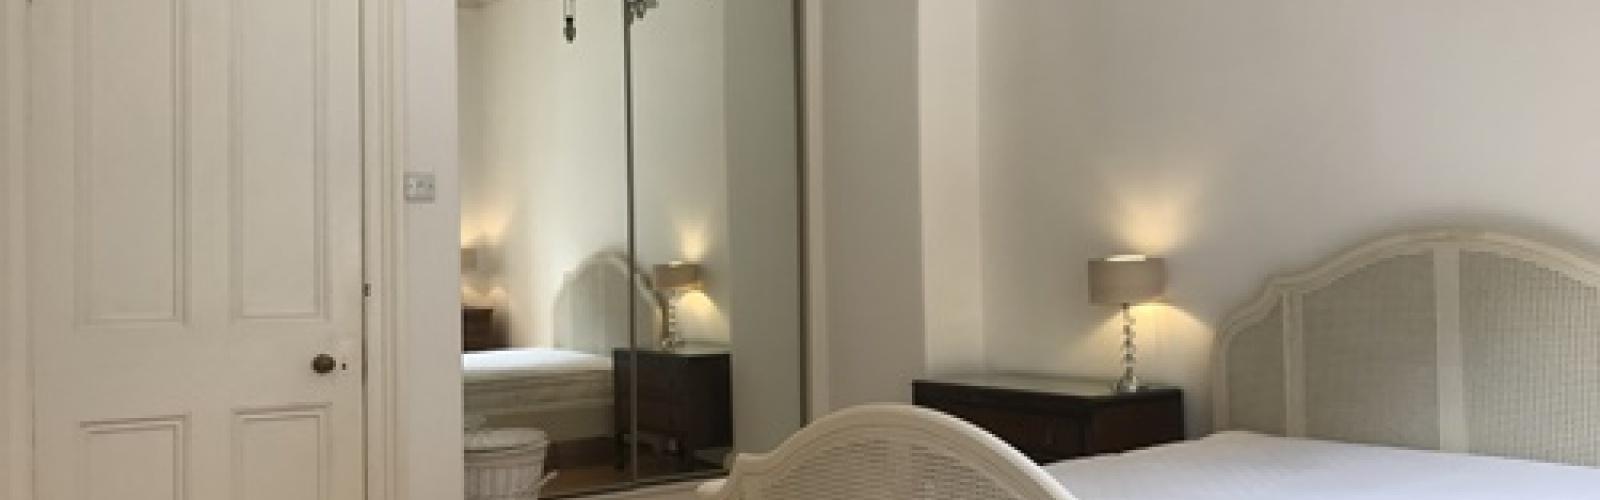 2 Bedrooms Bedrooms,1 BathroomBathrooms,Flat,1067